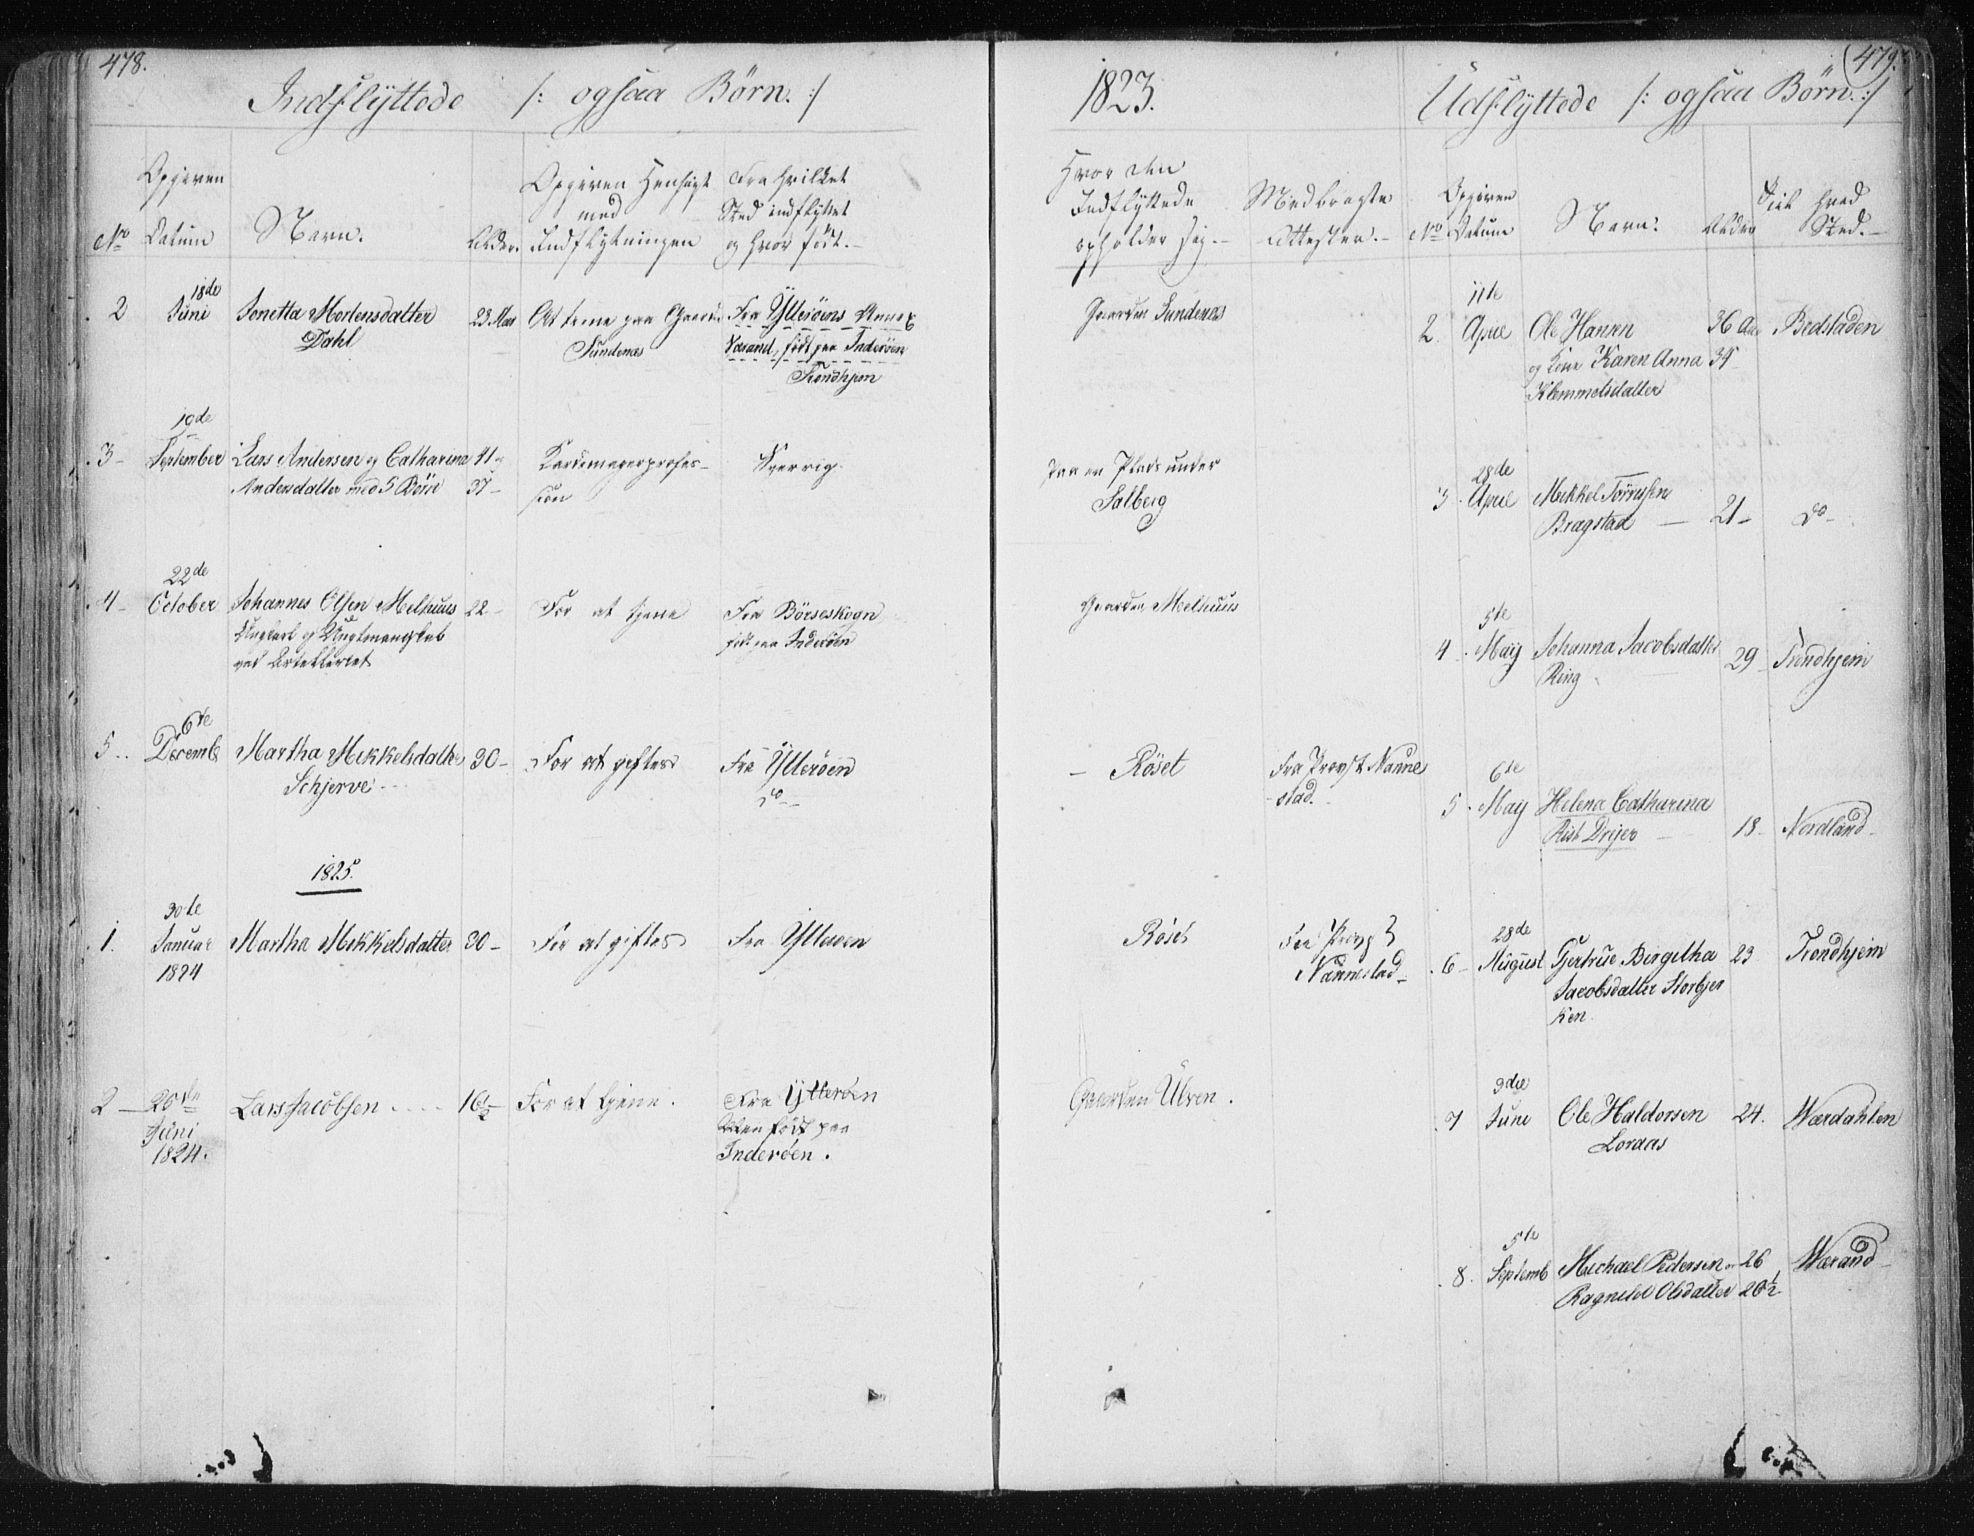 SAT, Ministerialprotokoller, klokkerbøker og fødselsregistre - Nord-Trøndelag, 730/L0276: Ministerialbok nr. 730A05, 1822-1830, s. 478-479